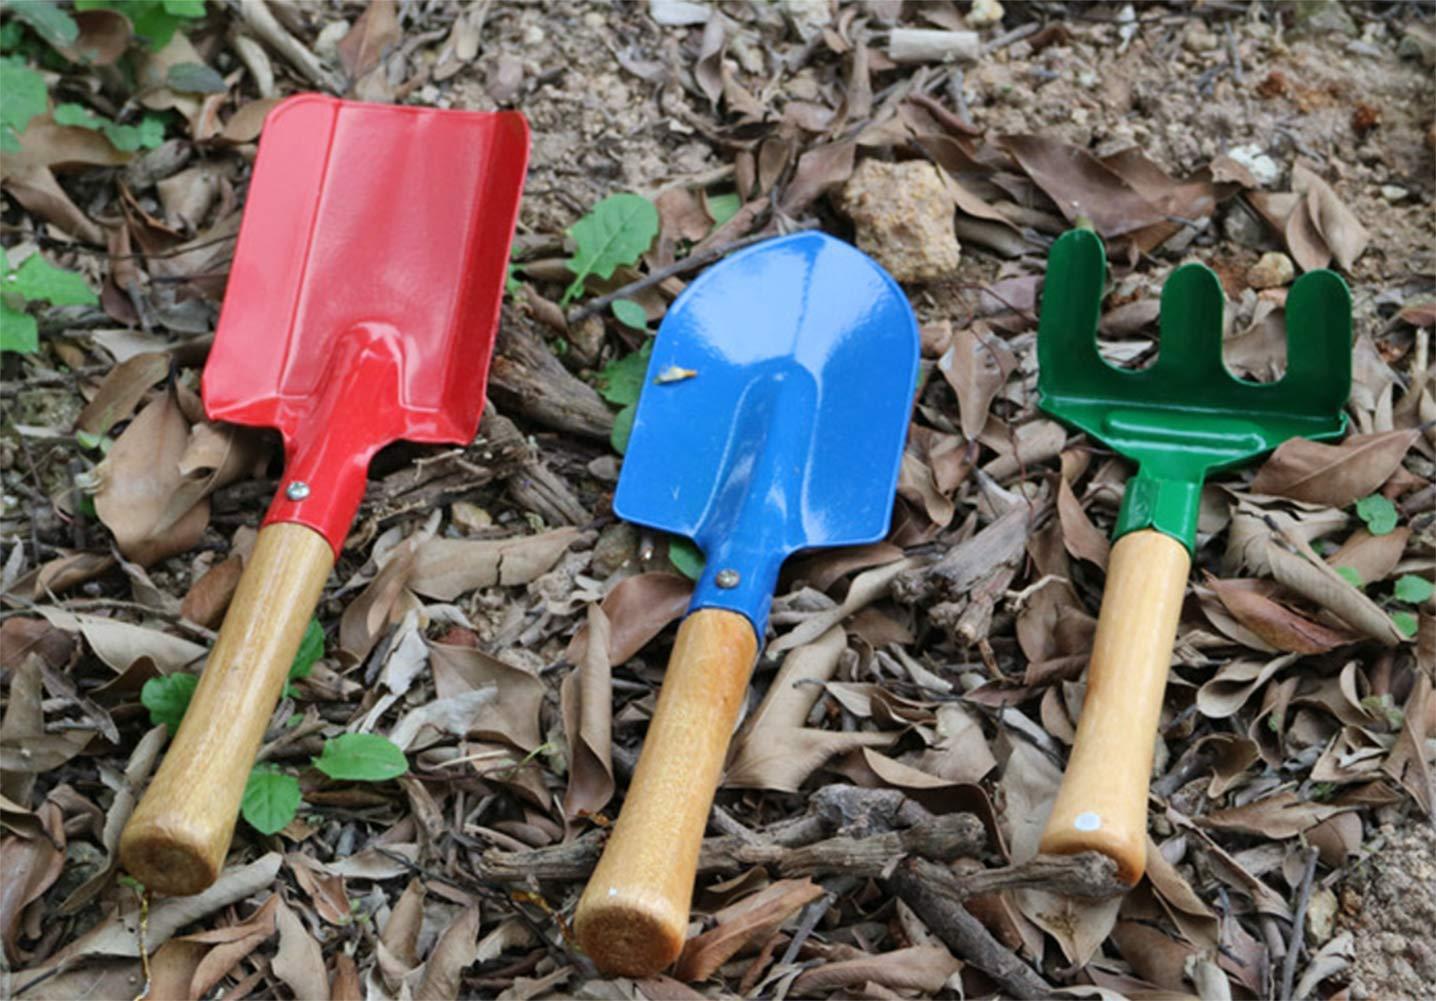 Kentop Jardin Outil Ensemble Pelle R/âteau B/êche Mini Jardin Outils De Jardinage Enfants Jouets Lot de 3